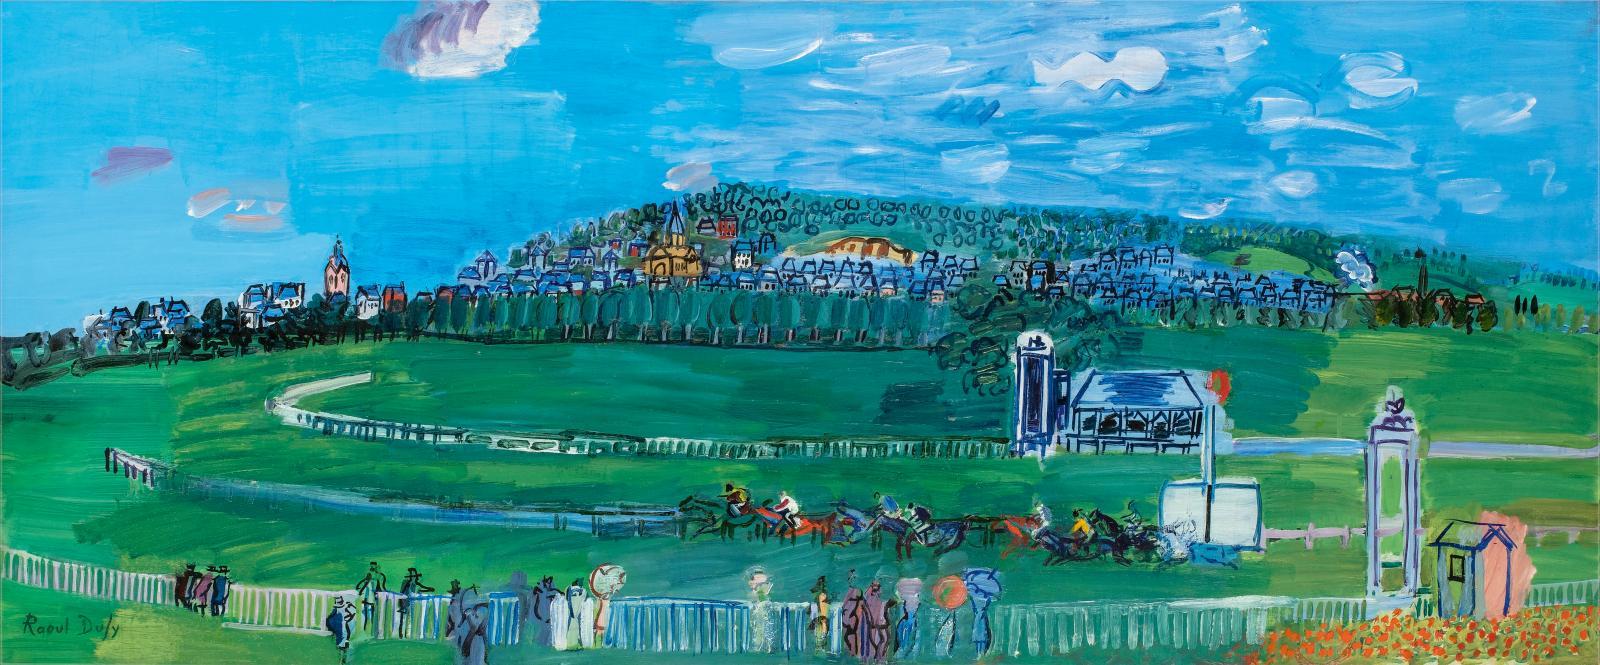 Raoul Dufy(1877-1953), Les Courses à Deauville, vers 1930, huile sur toile, 54x130cm. Courtesy Galerie Taménaga